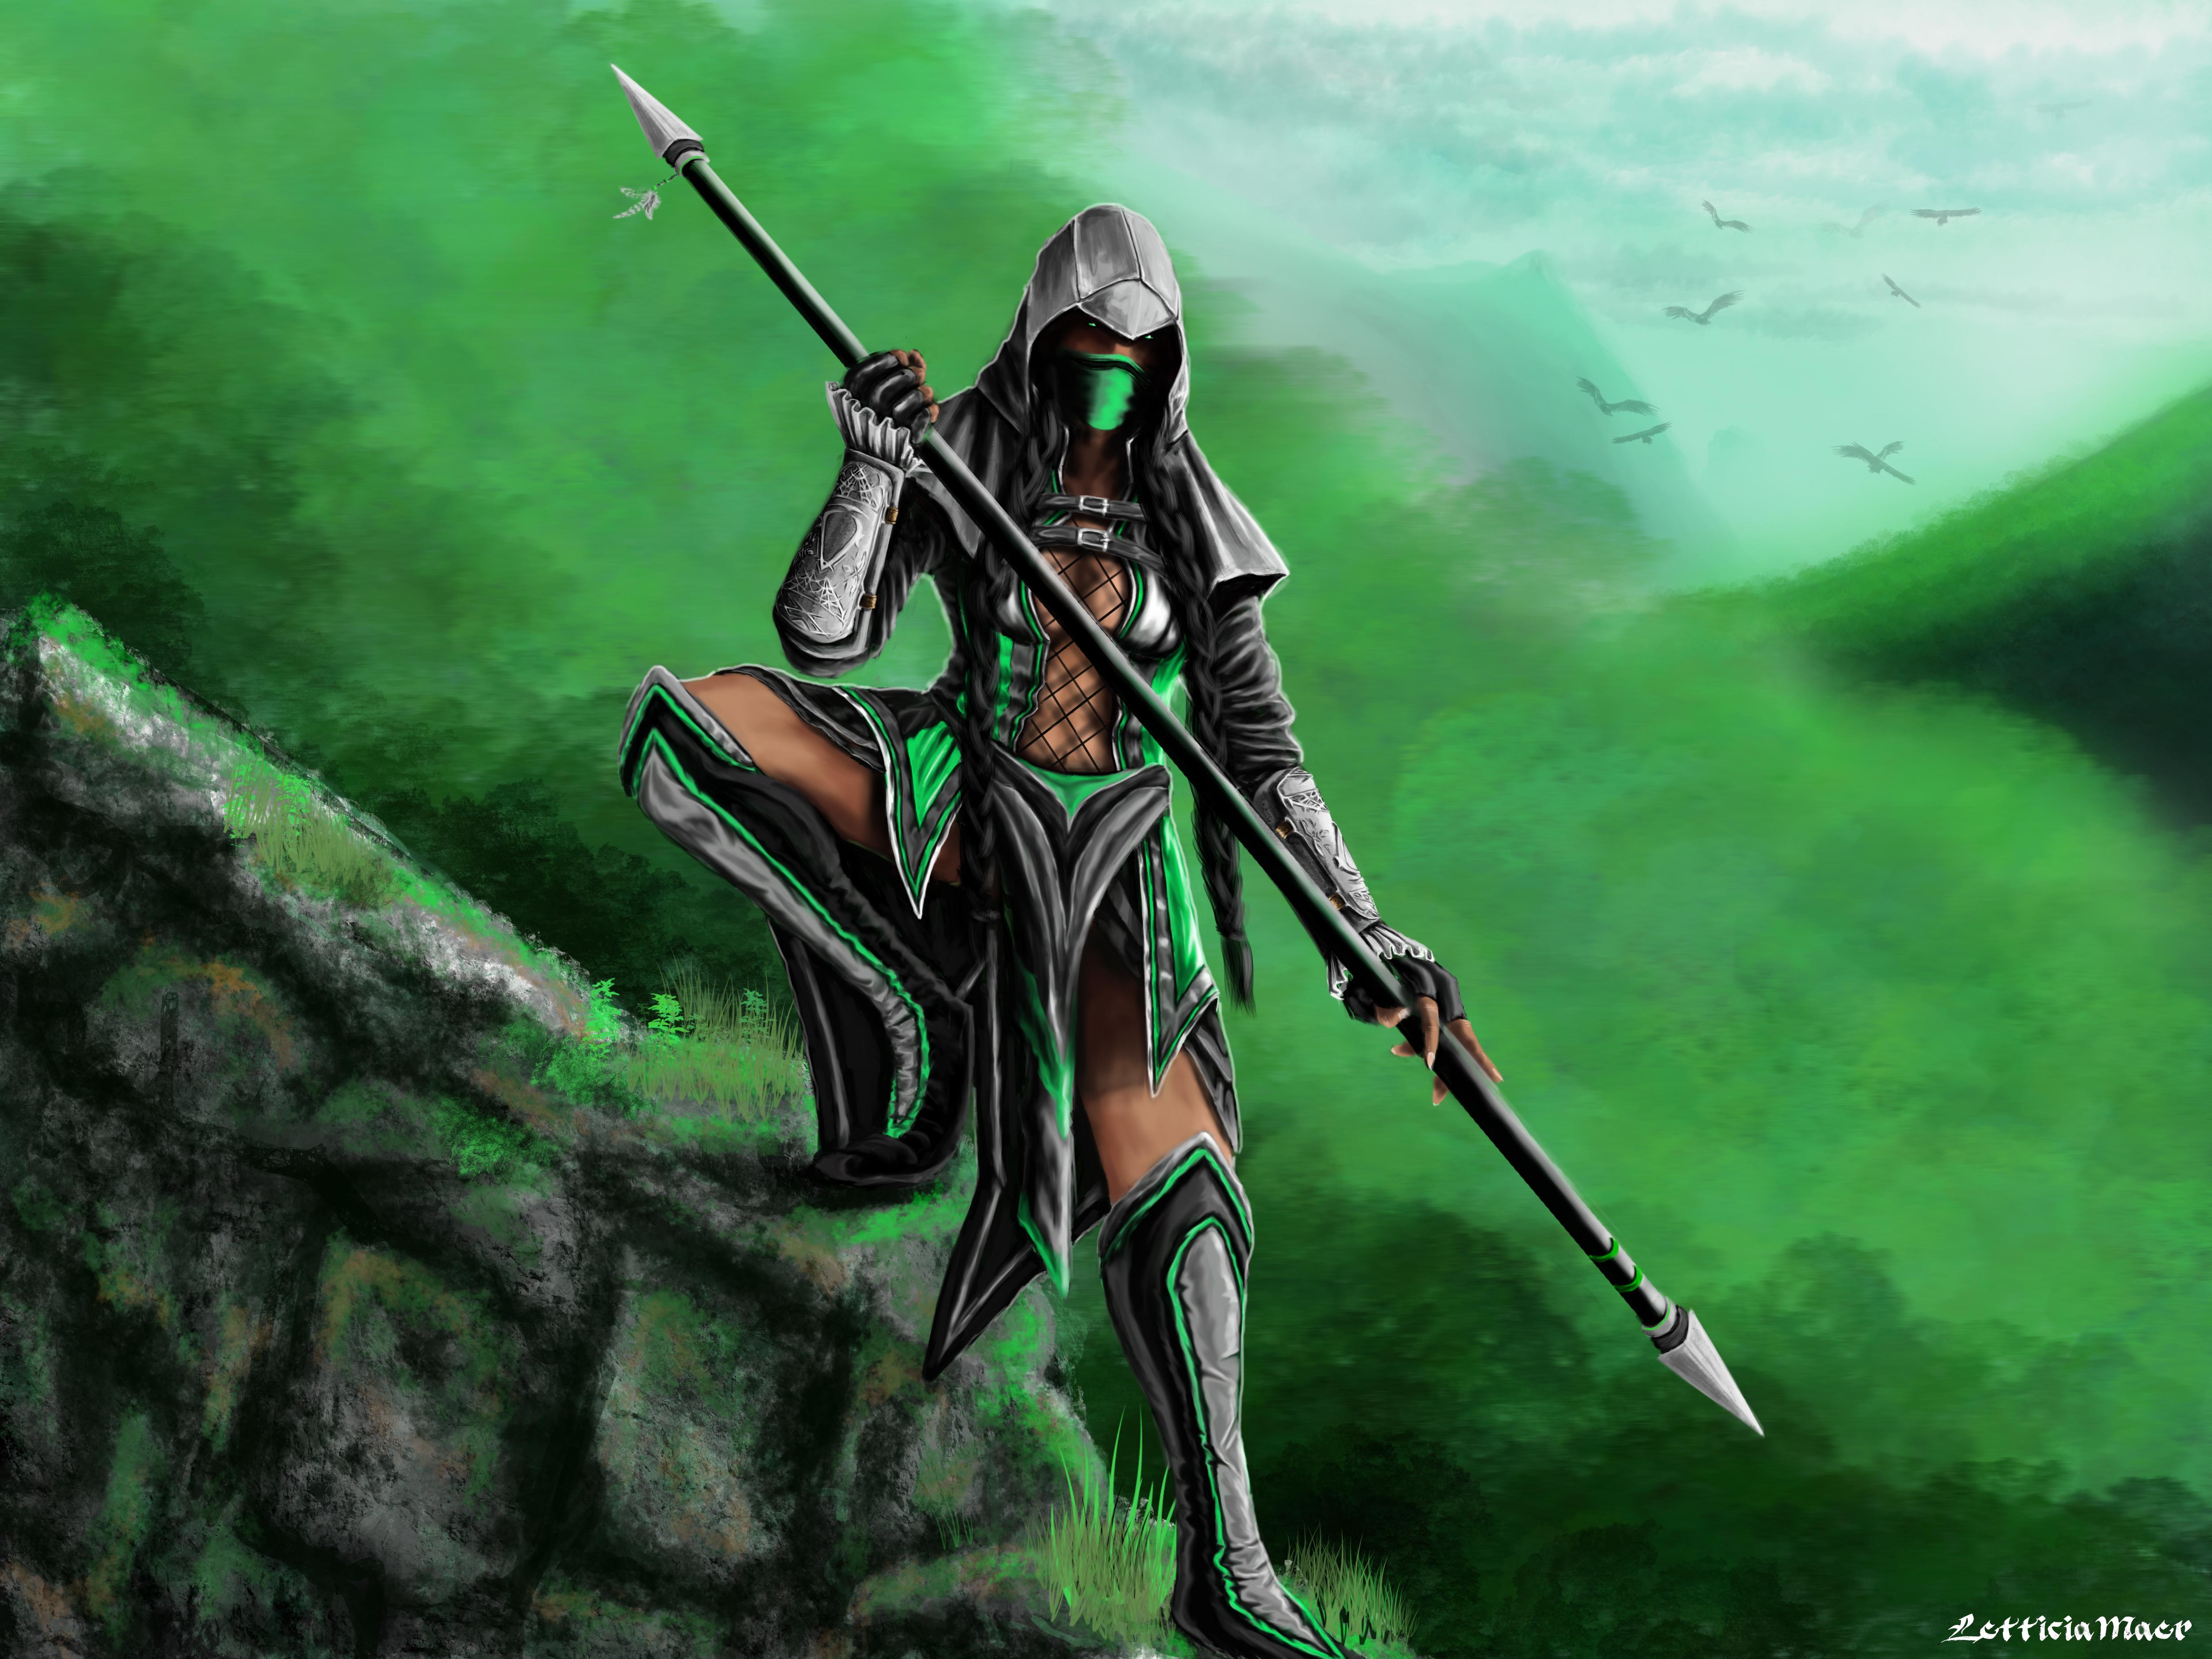 Taller de Silver Von Kenneth (diseñador: Leonel Racovich) - Página 13 Assassin_jade_by_letticiamaer-d637btr